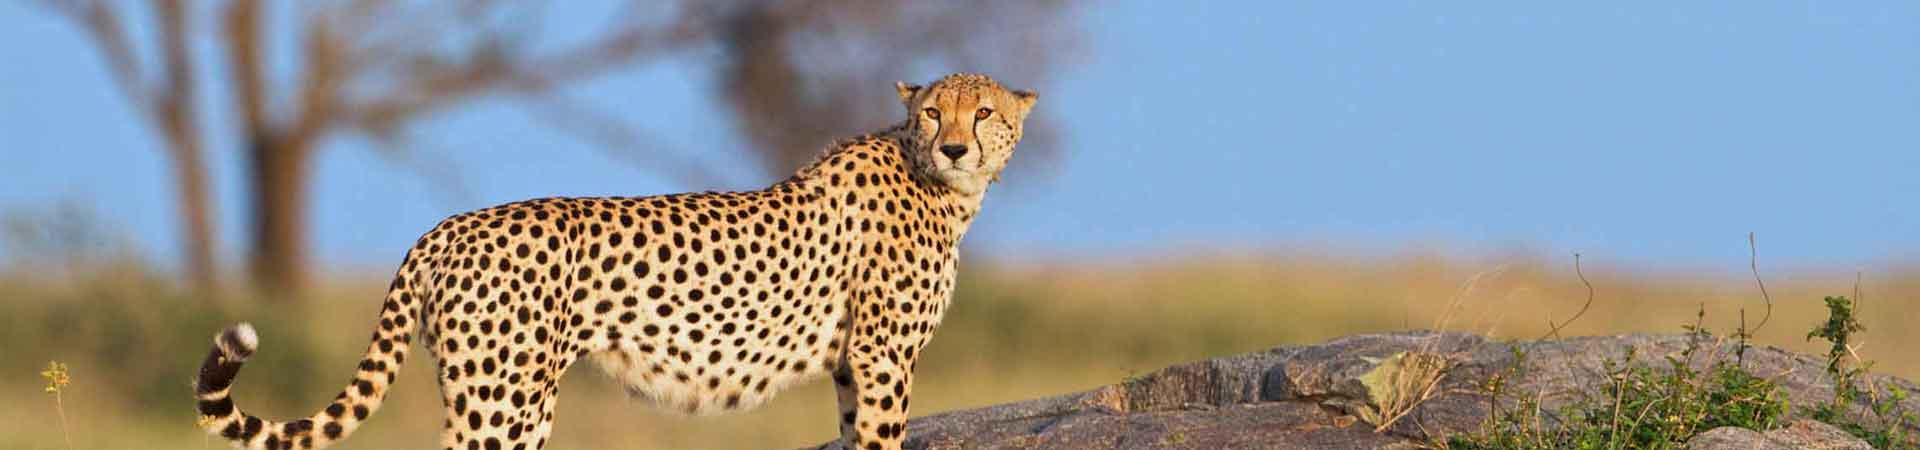 Cheatah at serengeti plain